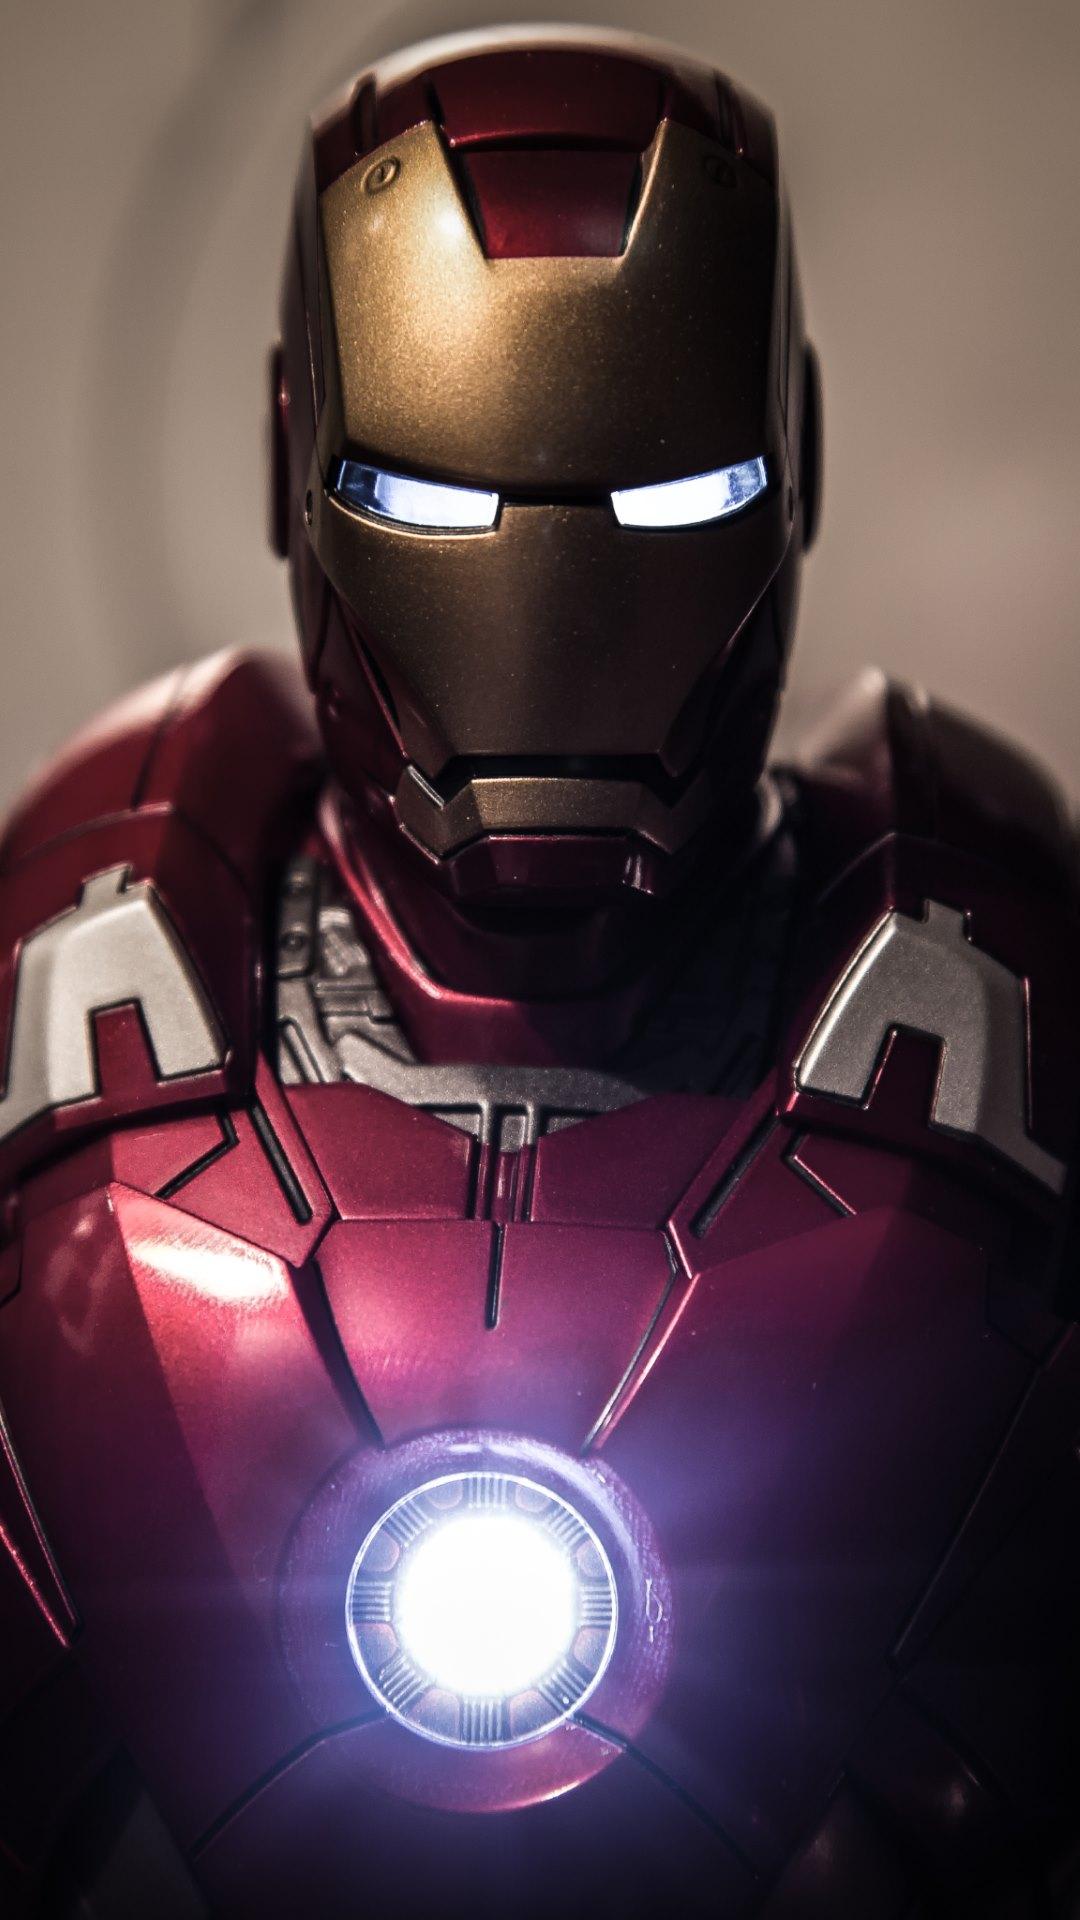 Iron man wallpaper 4k wallpapersafari - Iron man wallpaper 4k ...